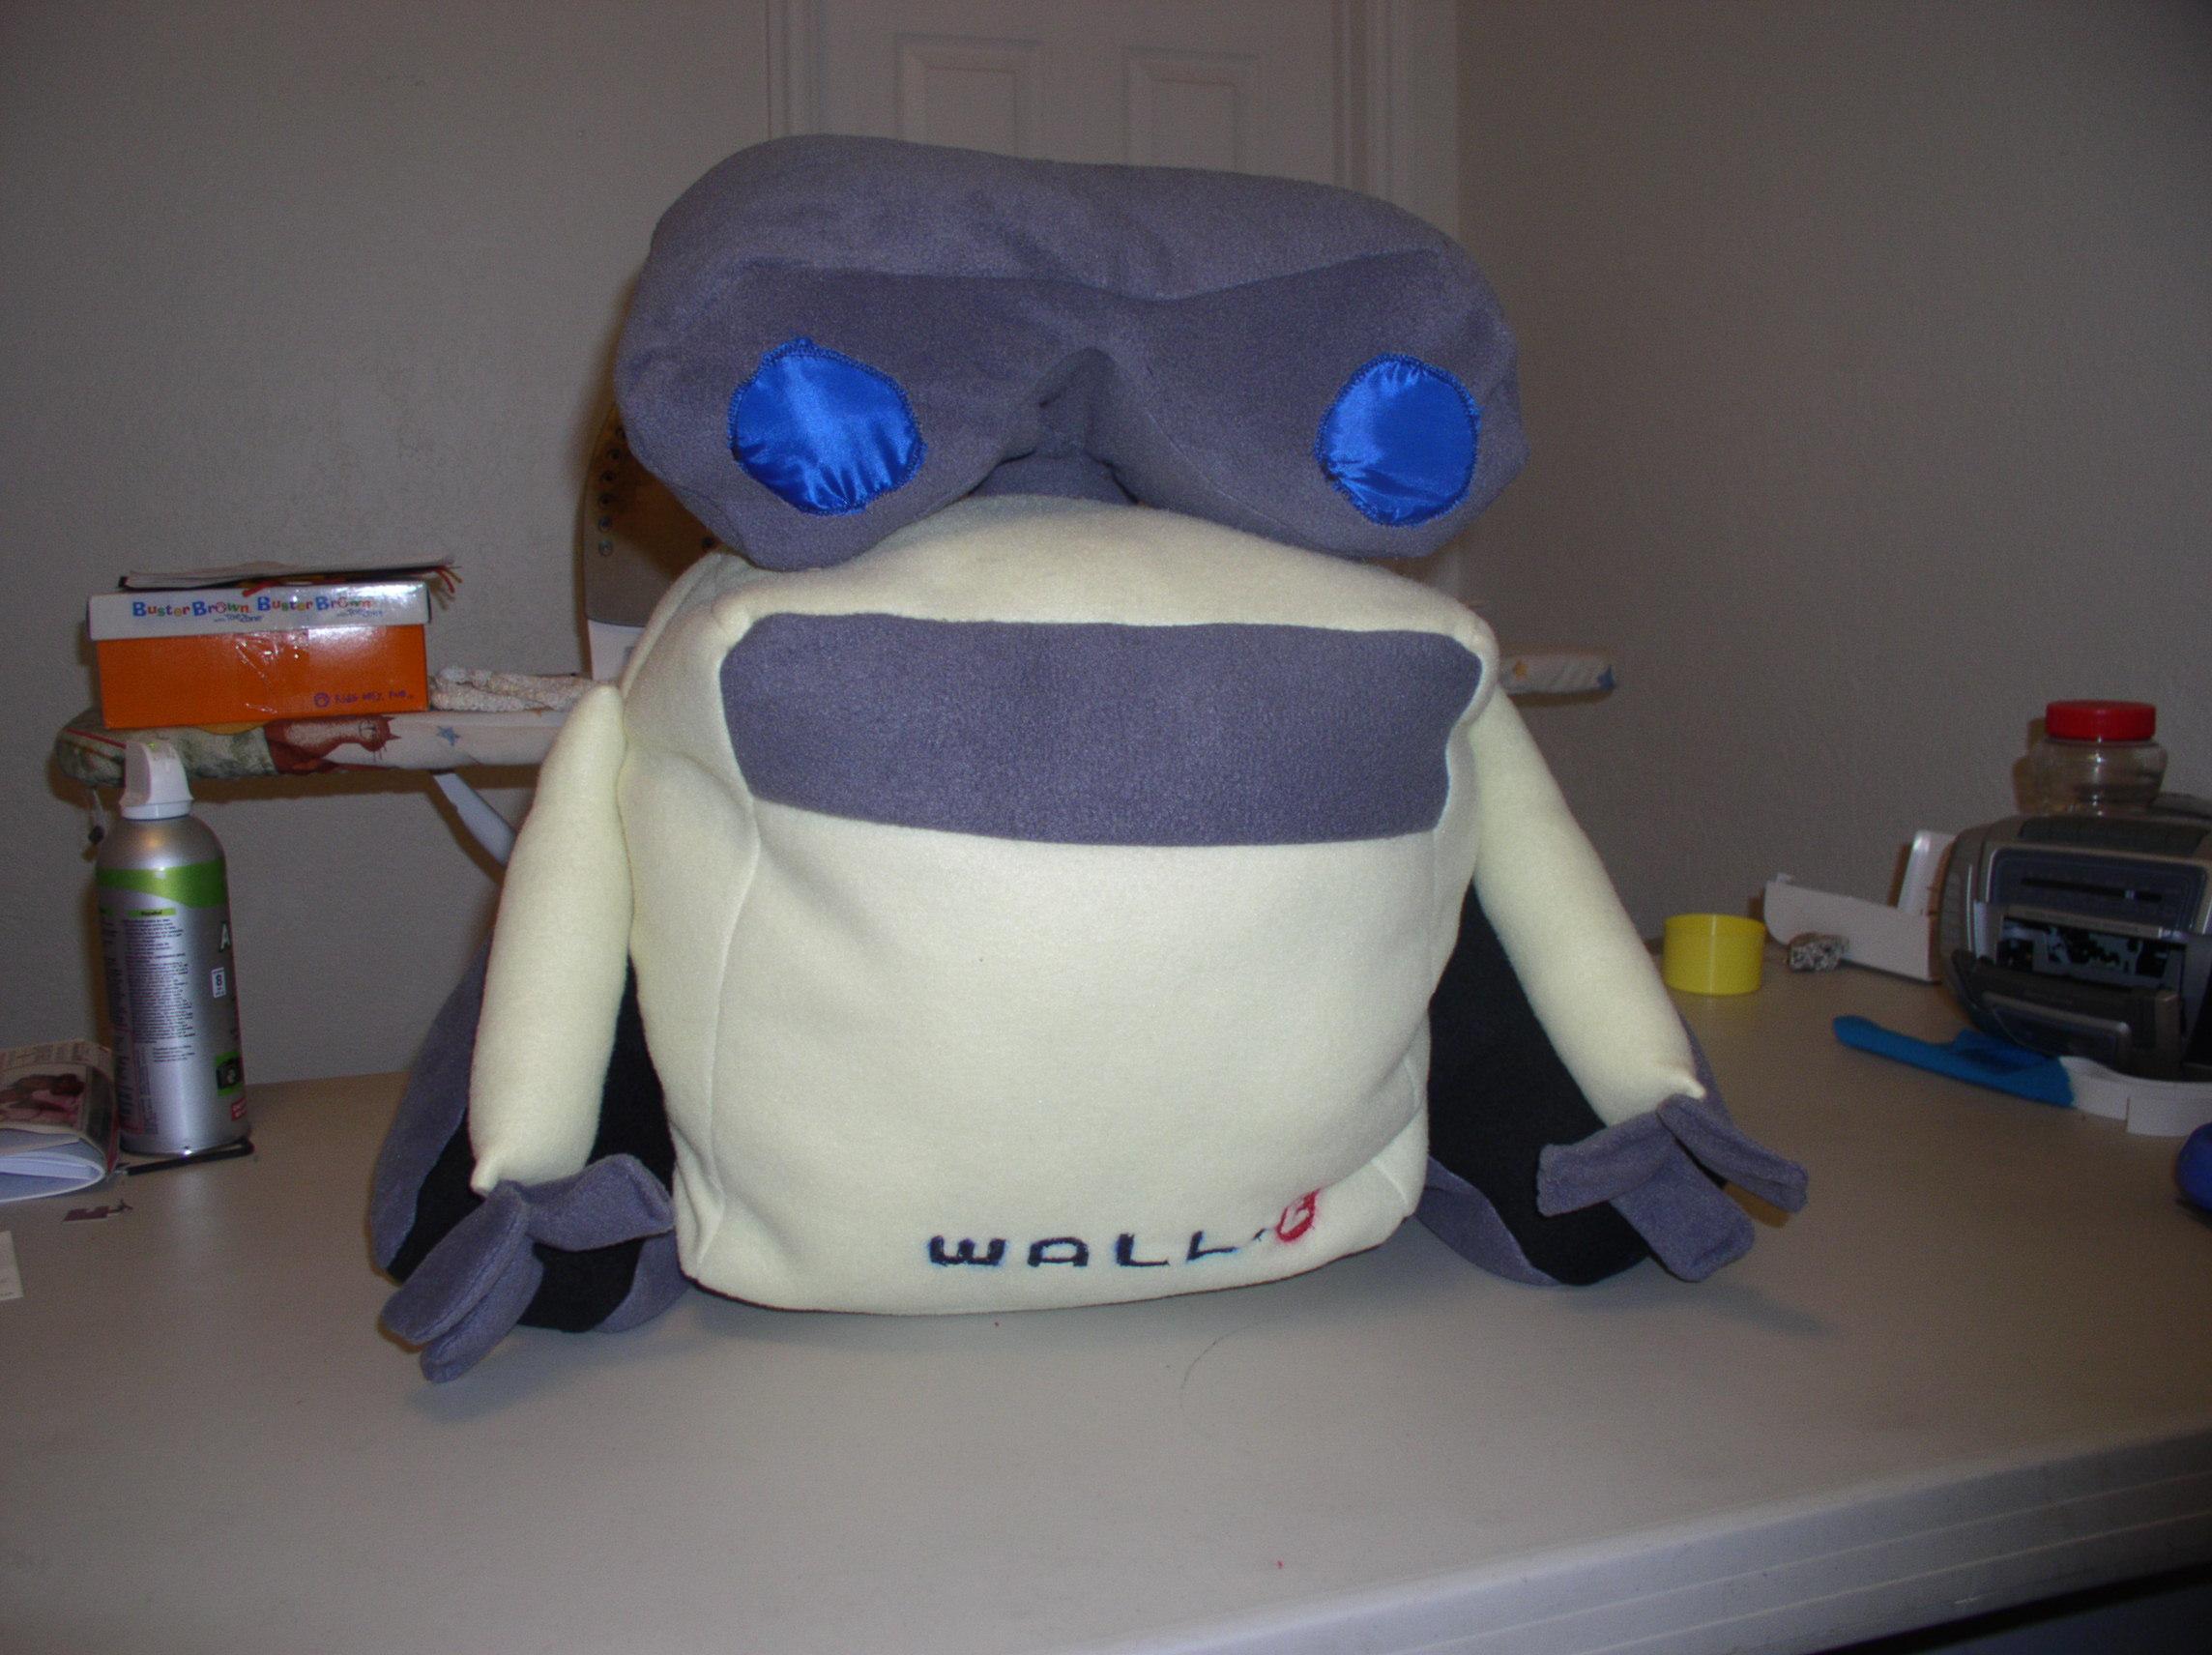 Plush Wall-e Toy